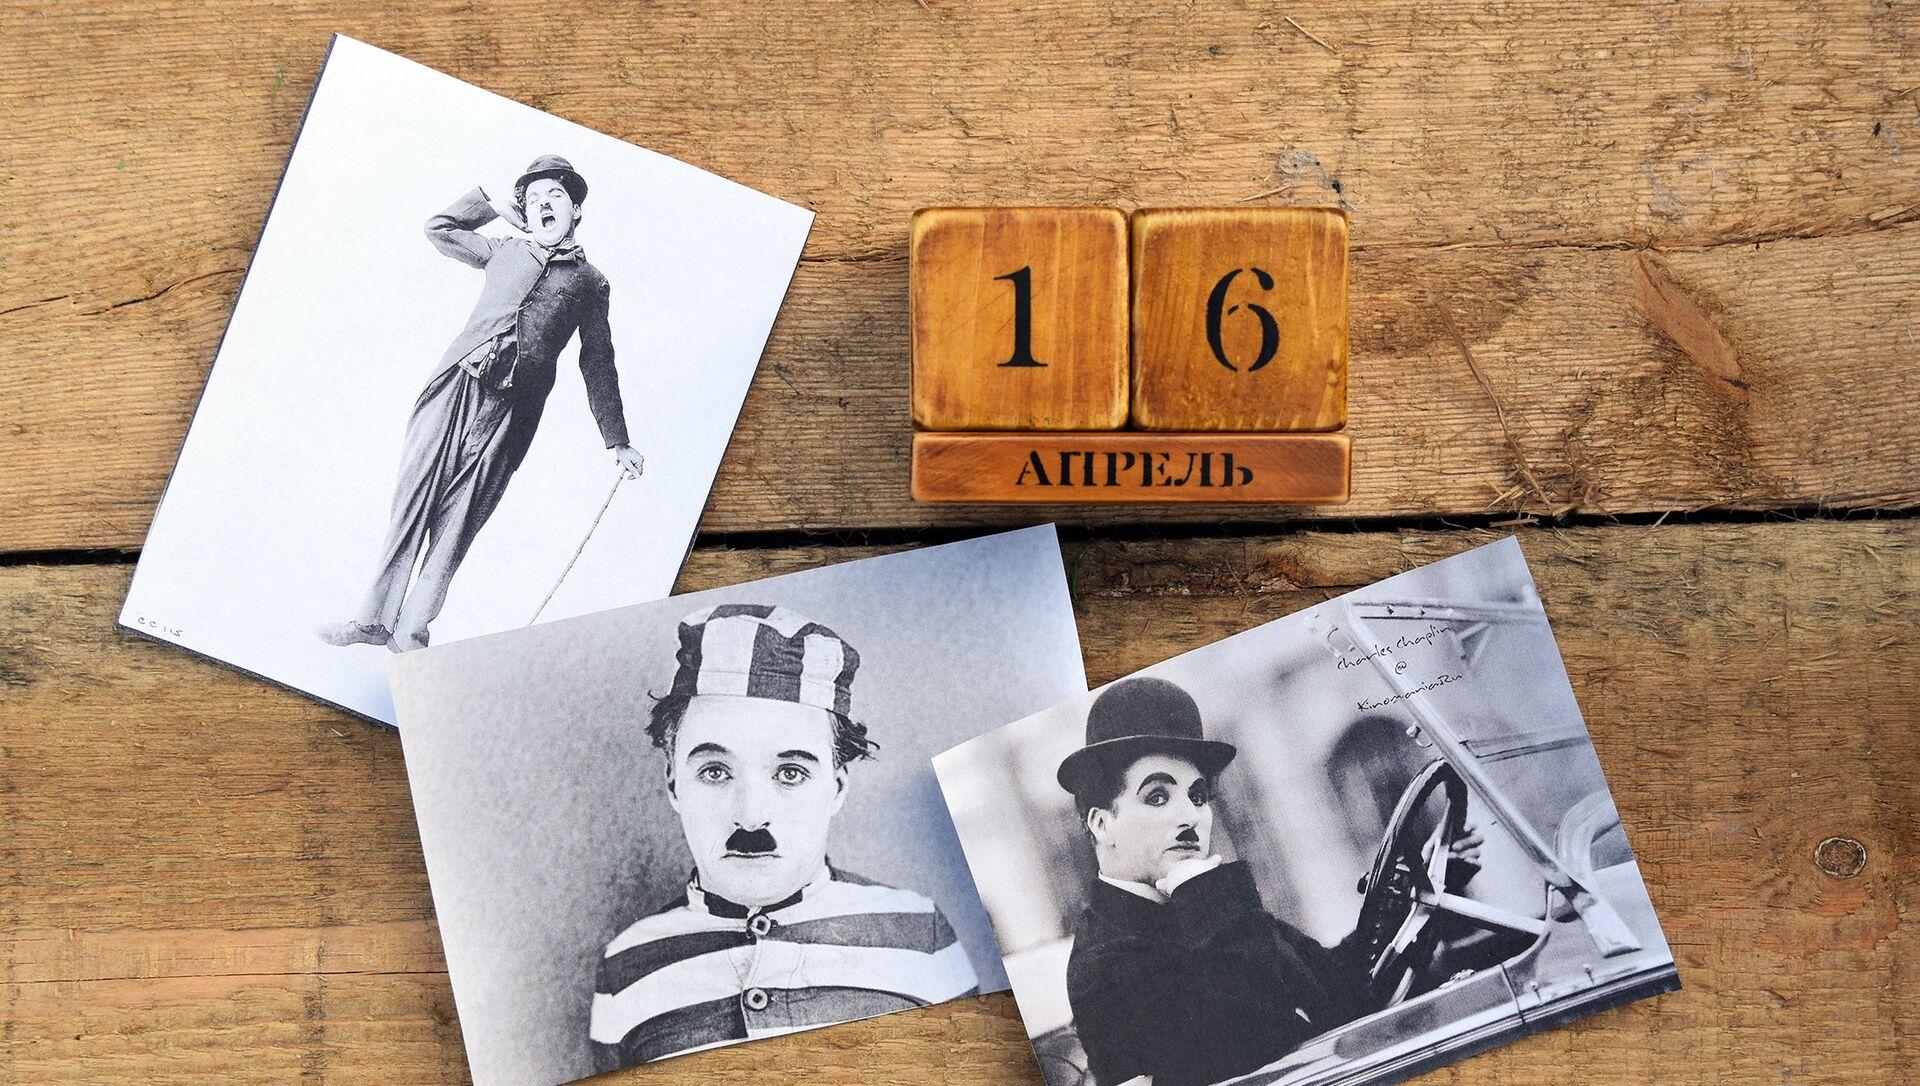 Календарь 16 апреля - Sputnik Беларусь, 1920, 16.04.2021